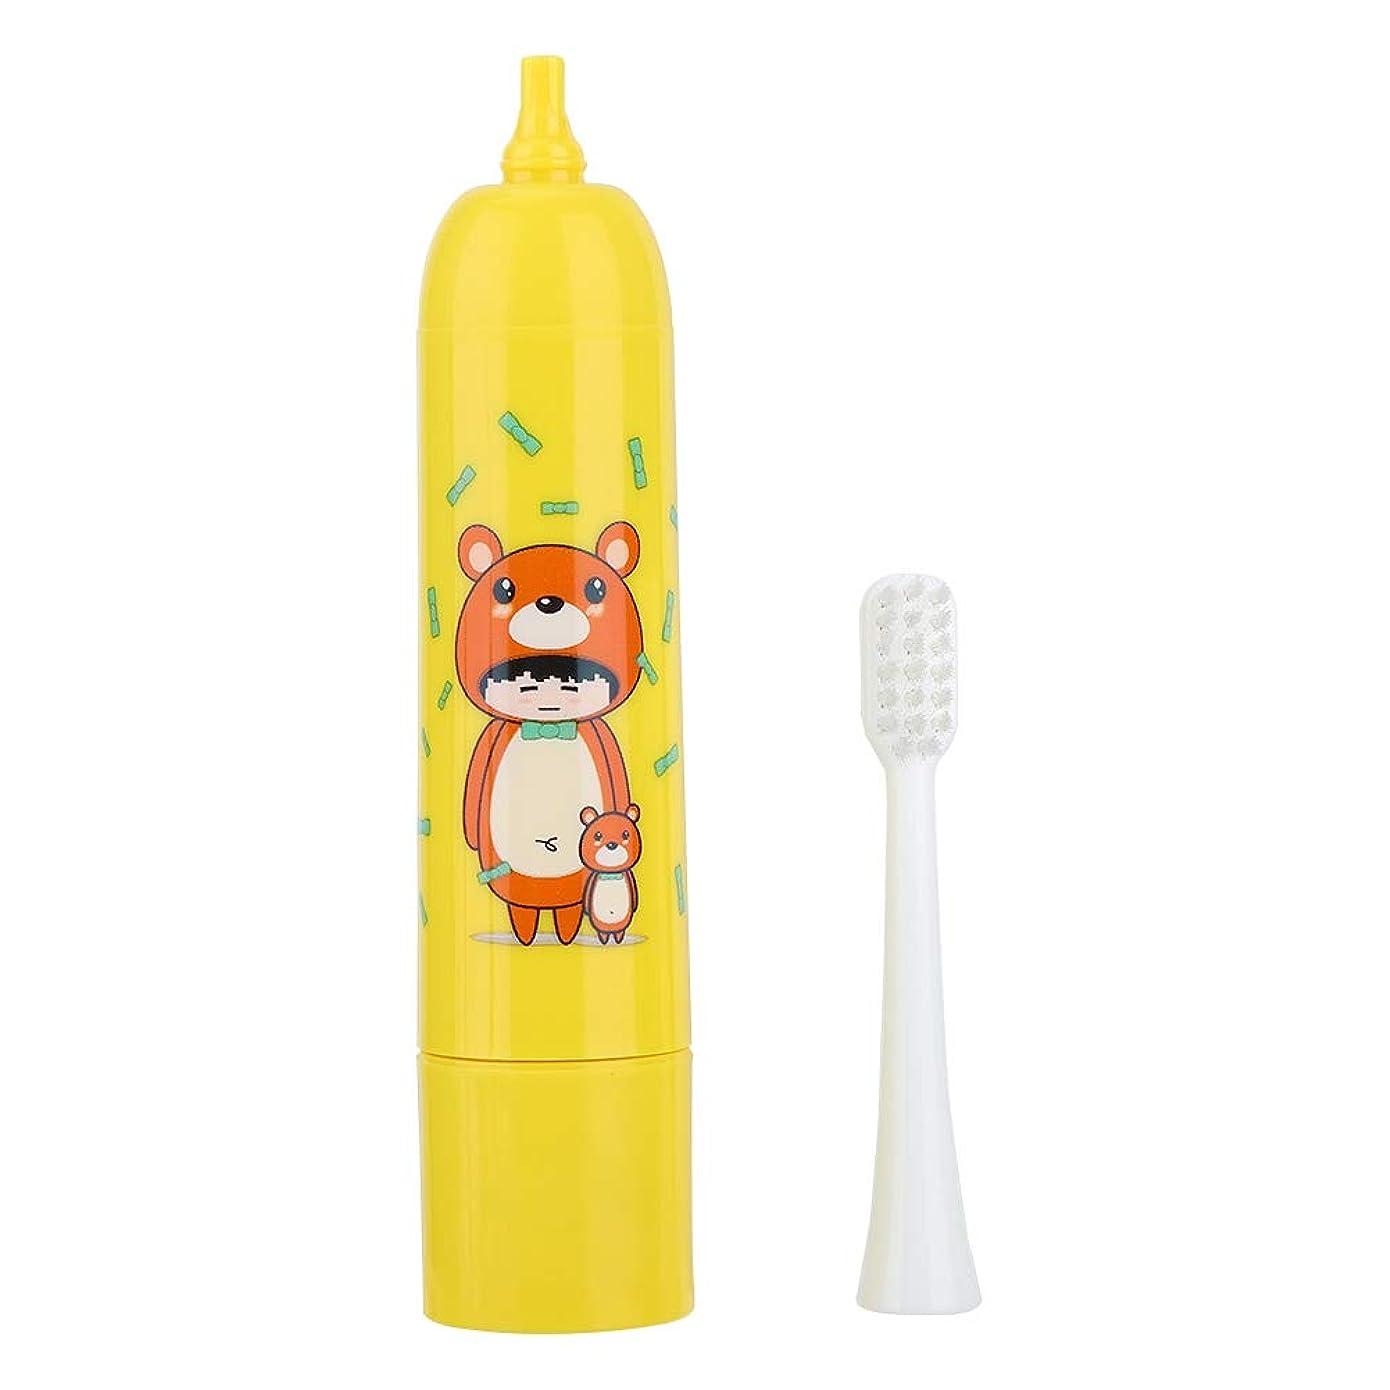 却下する限りなくパワー充電式歯ブラシ、電動歯ブラシ自動タイマーと精密クリーンブラシヘッドで口腔ヘルスケアのための深いクリーニング(2#)